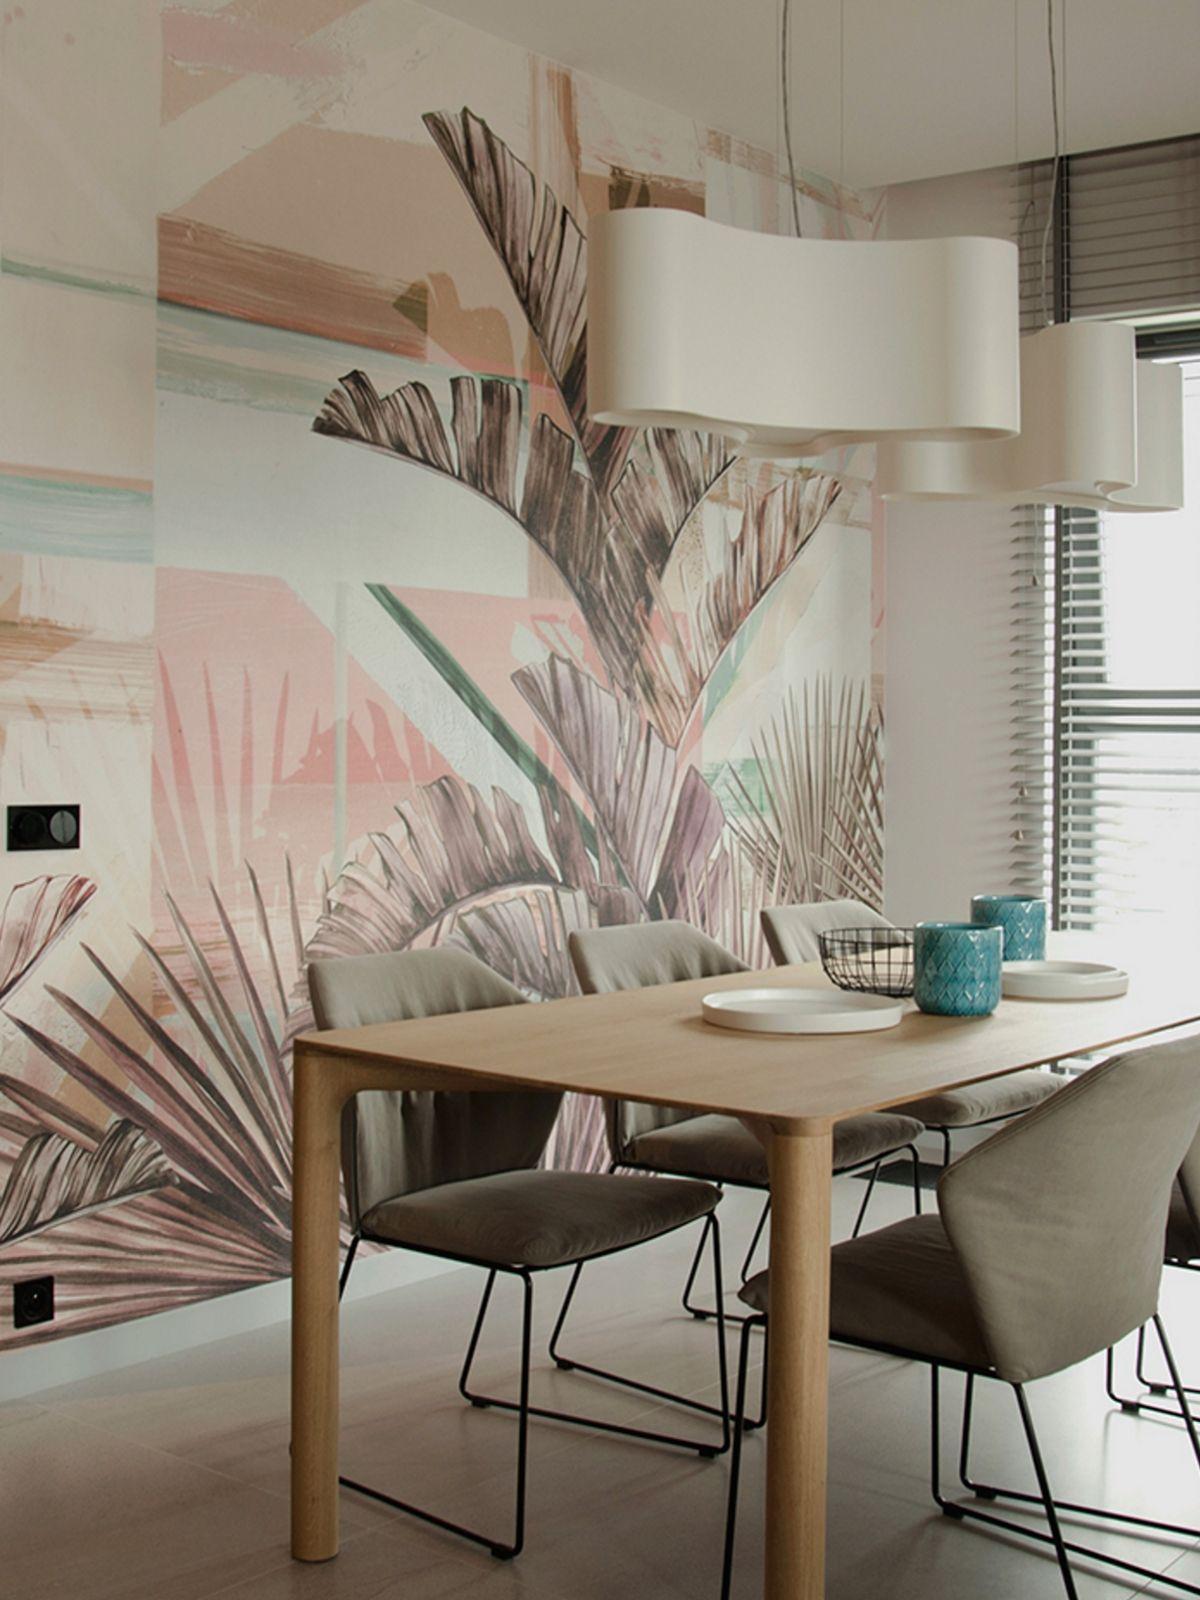 Wohnbeispiele Wohnzimmer Fur Bauen Fenster Decke Tollete Wohnung In Pastell Pastell Blog Und Baum